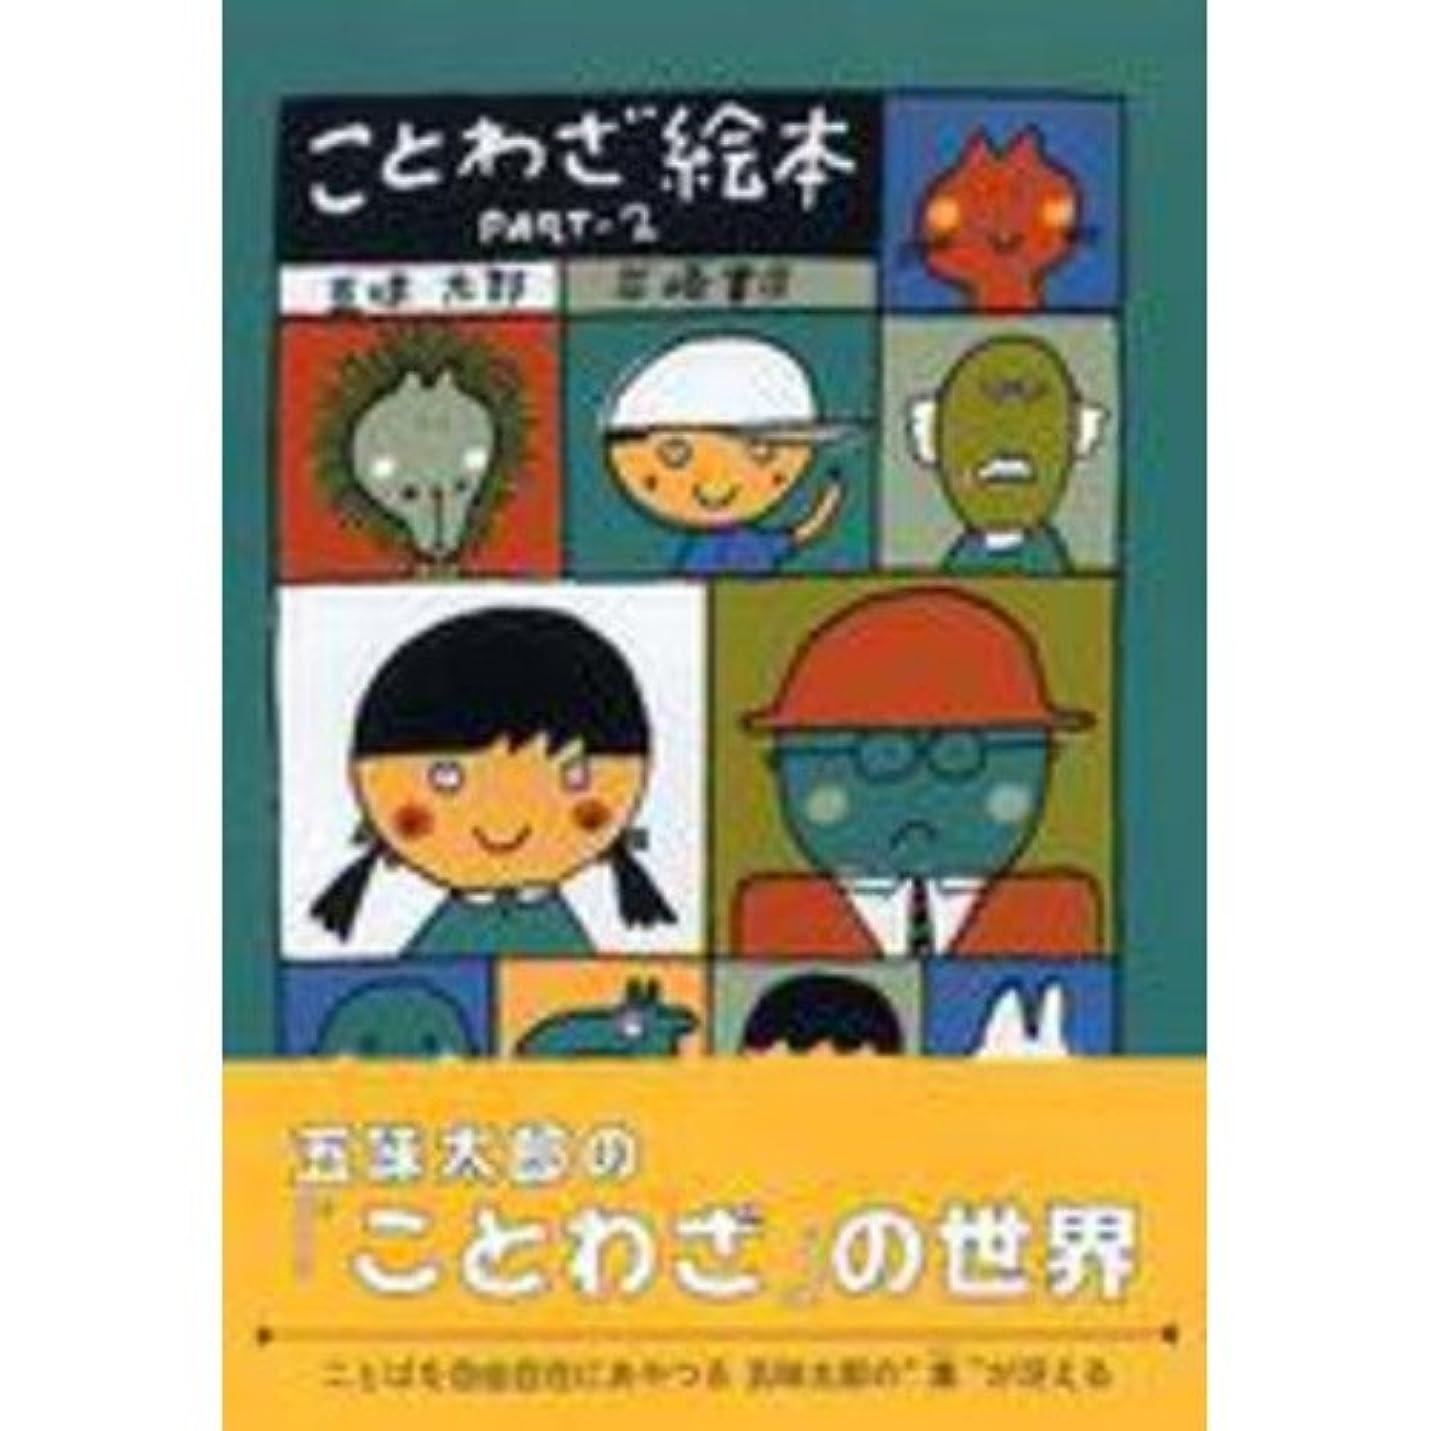 鼻重要性アクティブ岩崎書店 ことわざ絵本 PART2 A5判